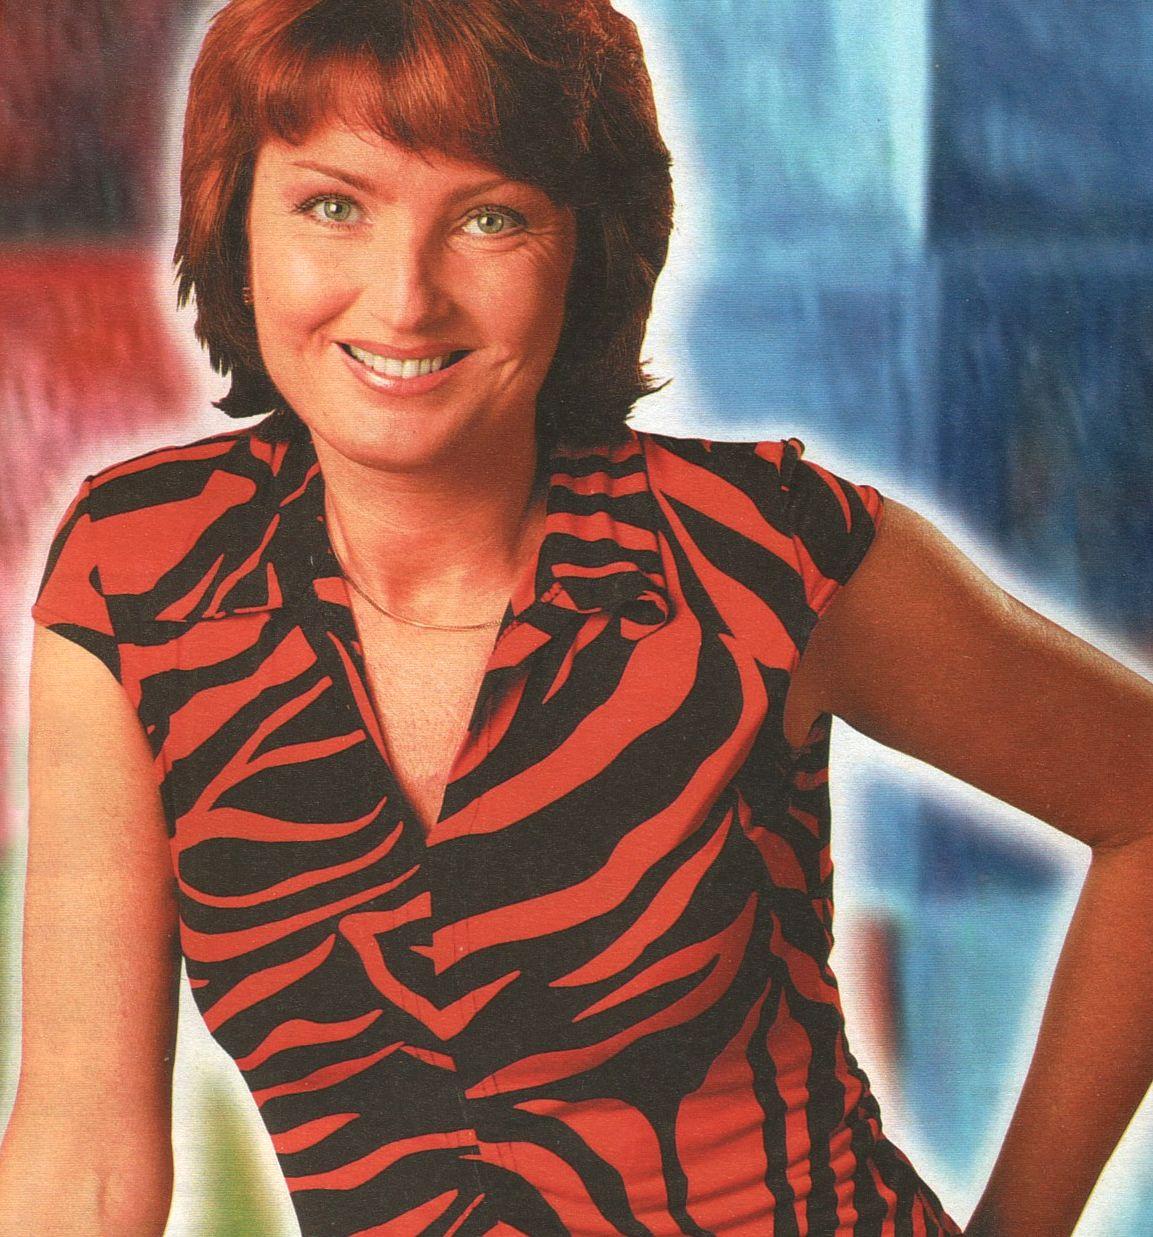 http://2.bp.blogspot.com/-HOvbus9wzXU/TiHj-_nv2HI/AAAAAAAAtZY/jZGEnSHLvVk/s1600/2004%2BLudmila%2BFarkasovska.jpg